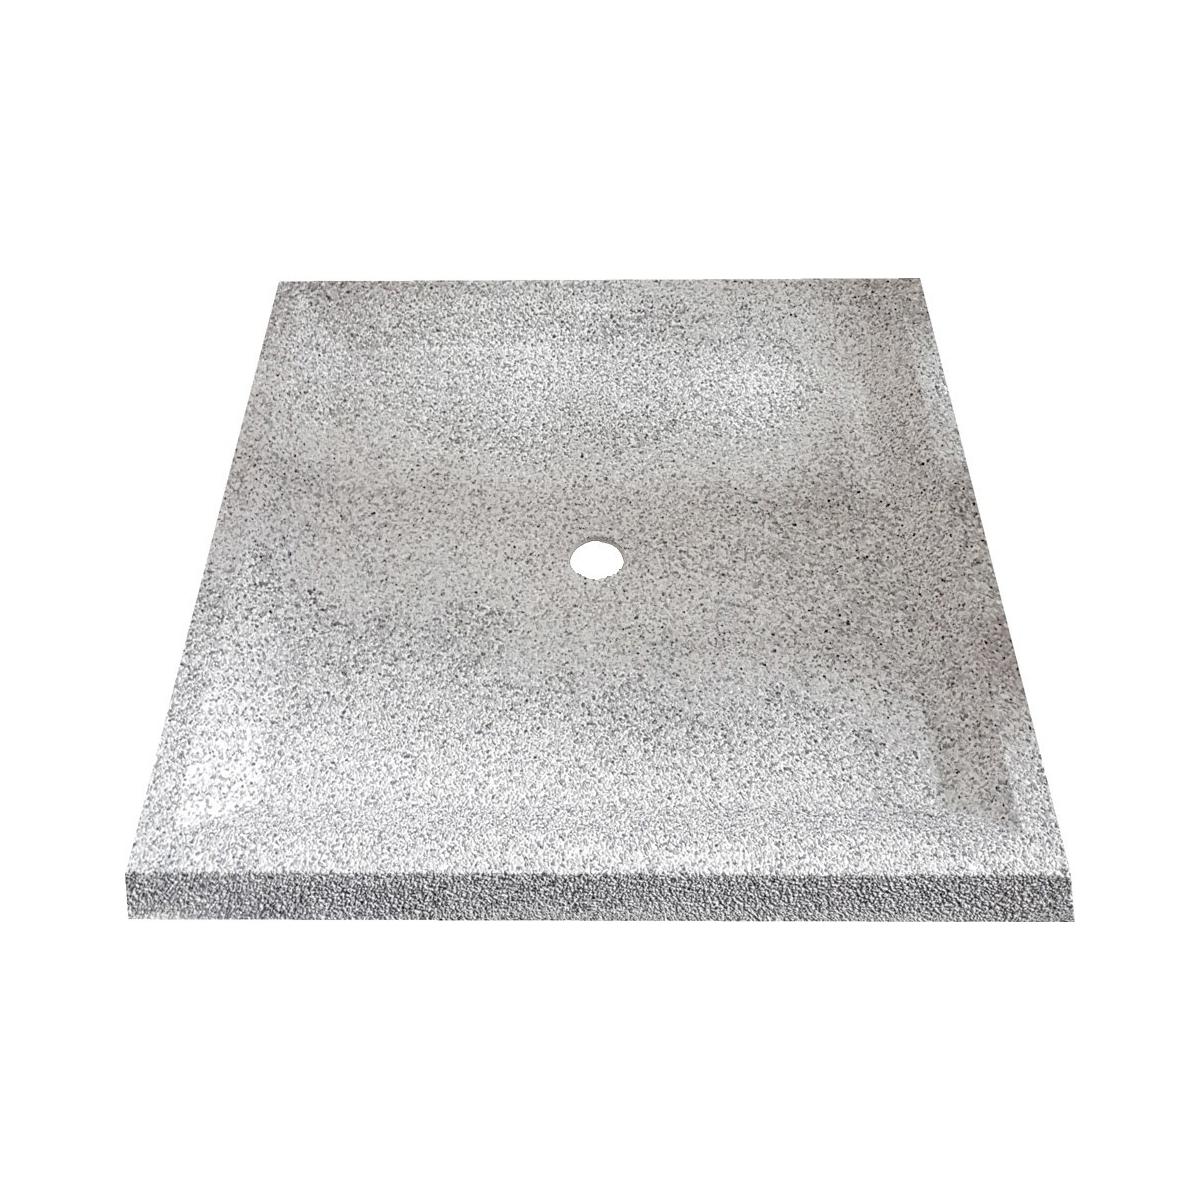 Plato de ducha para piscinas de 80x80